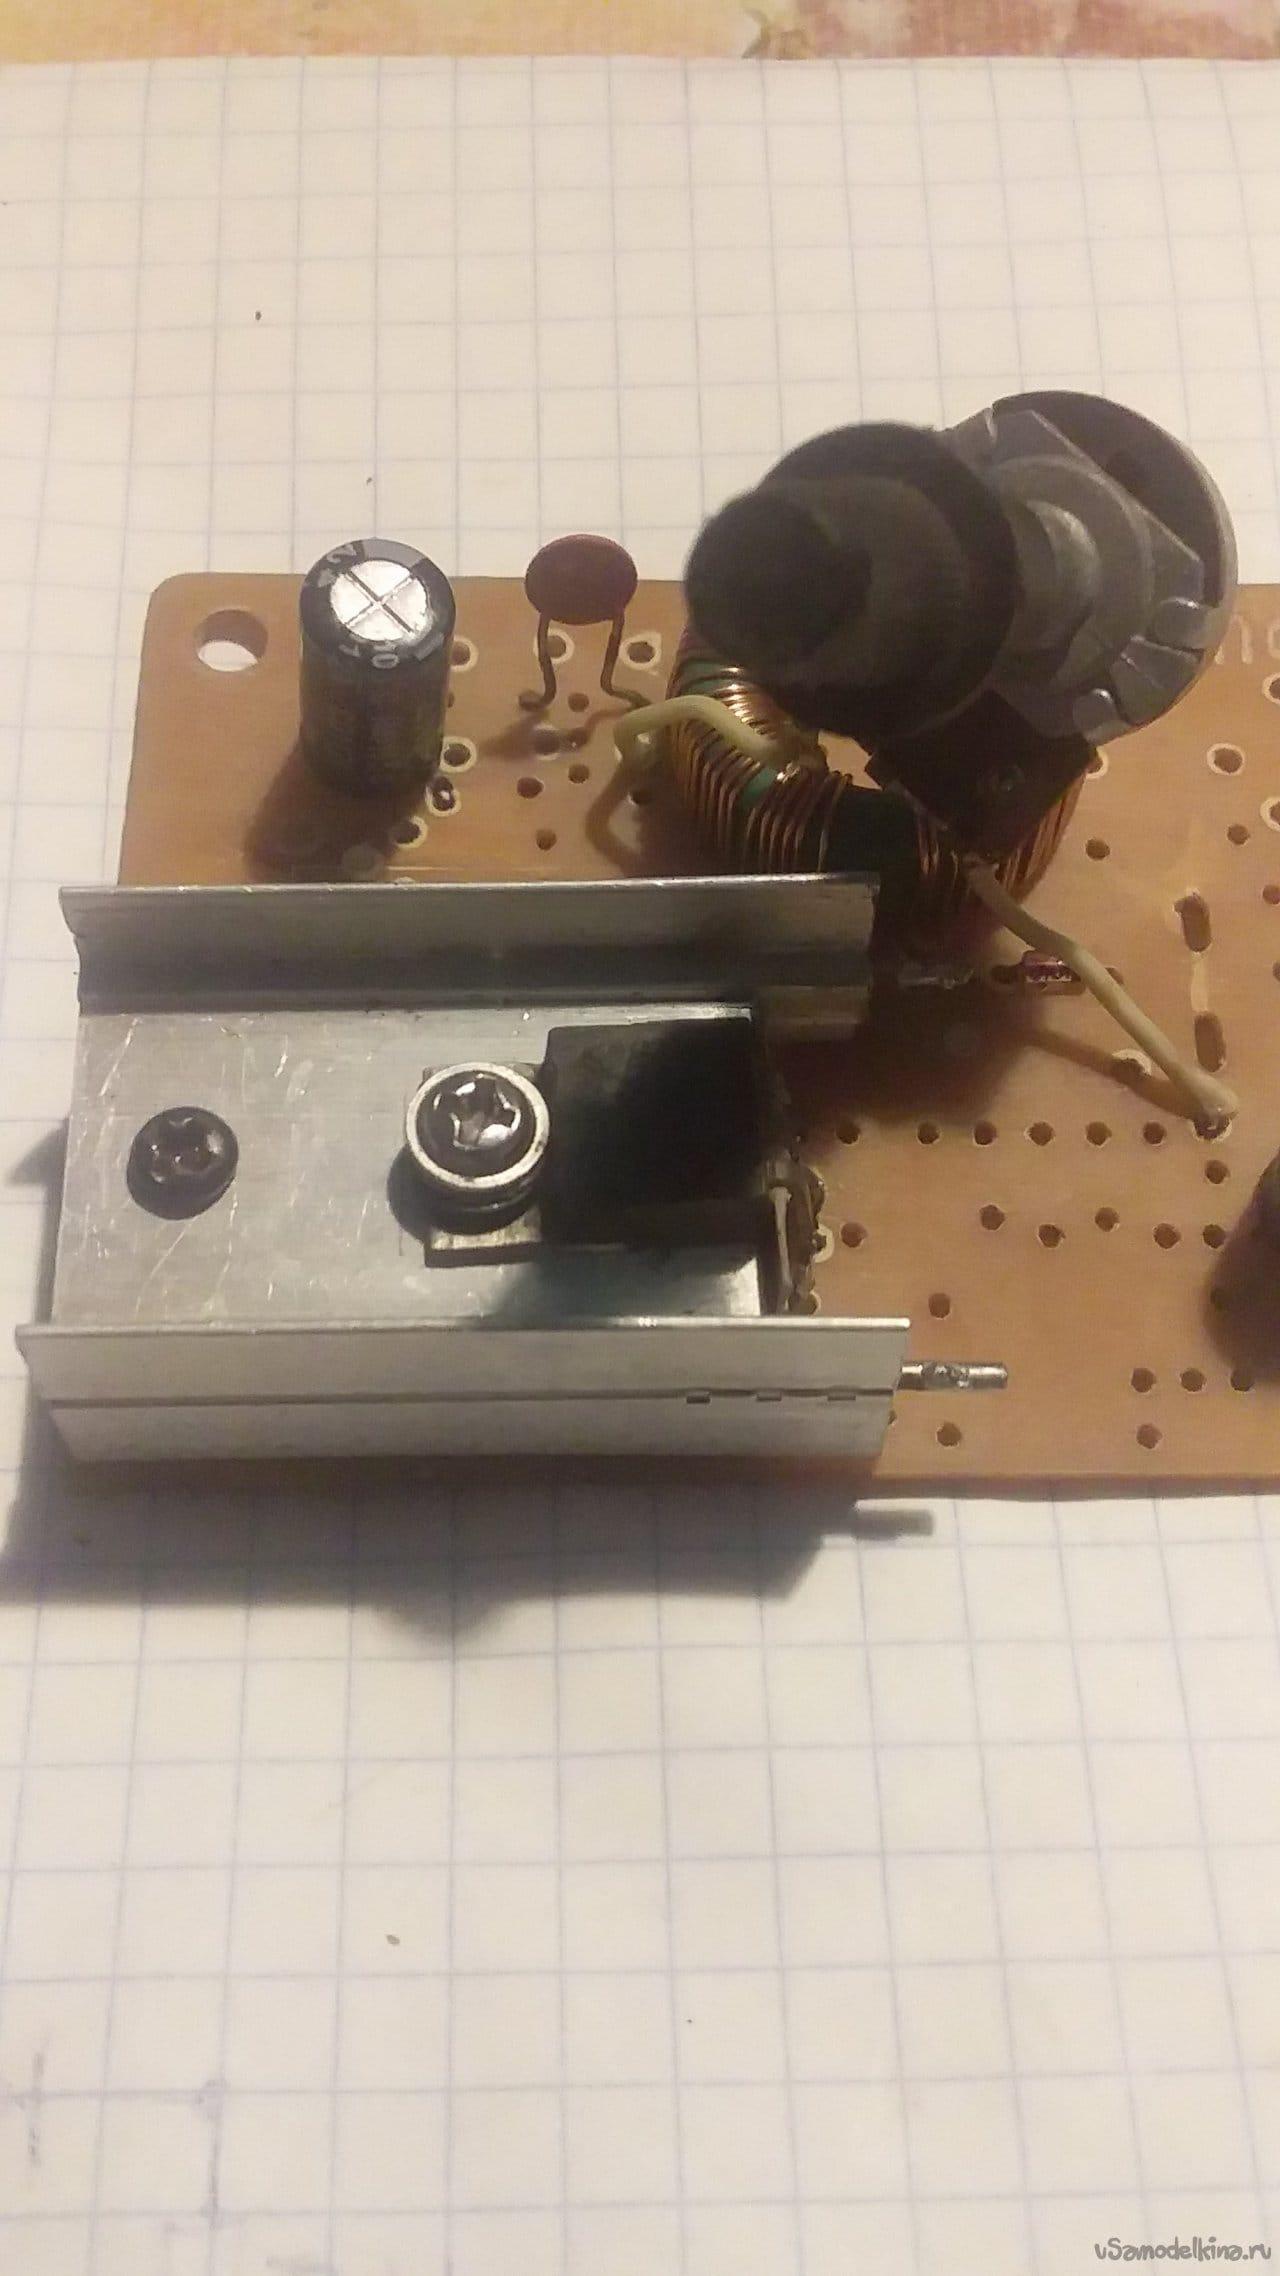 Повер банк от литий-ионной батареи 3.7 вольт